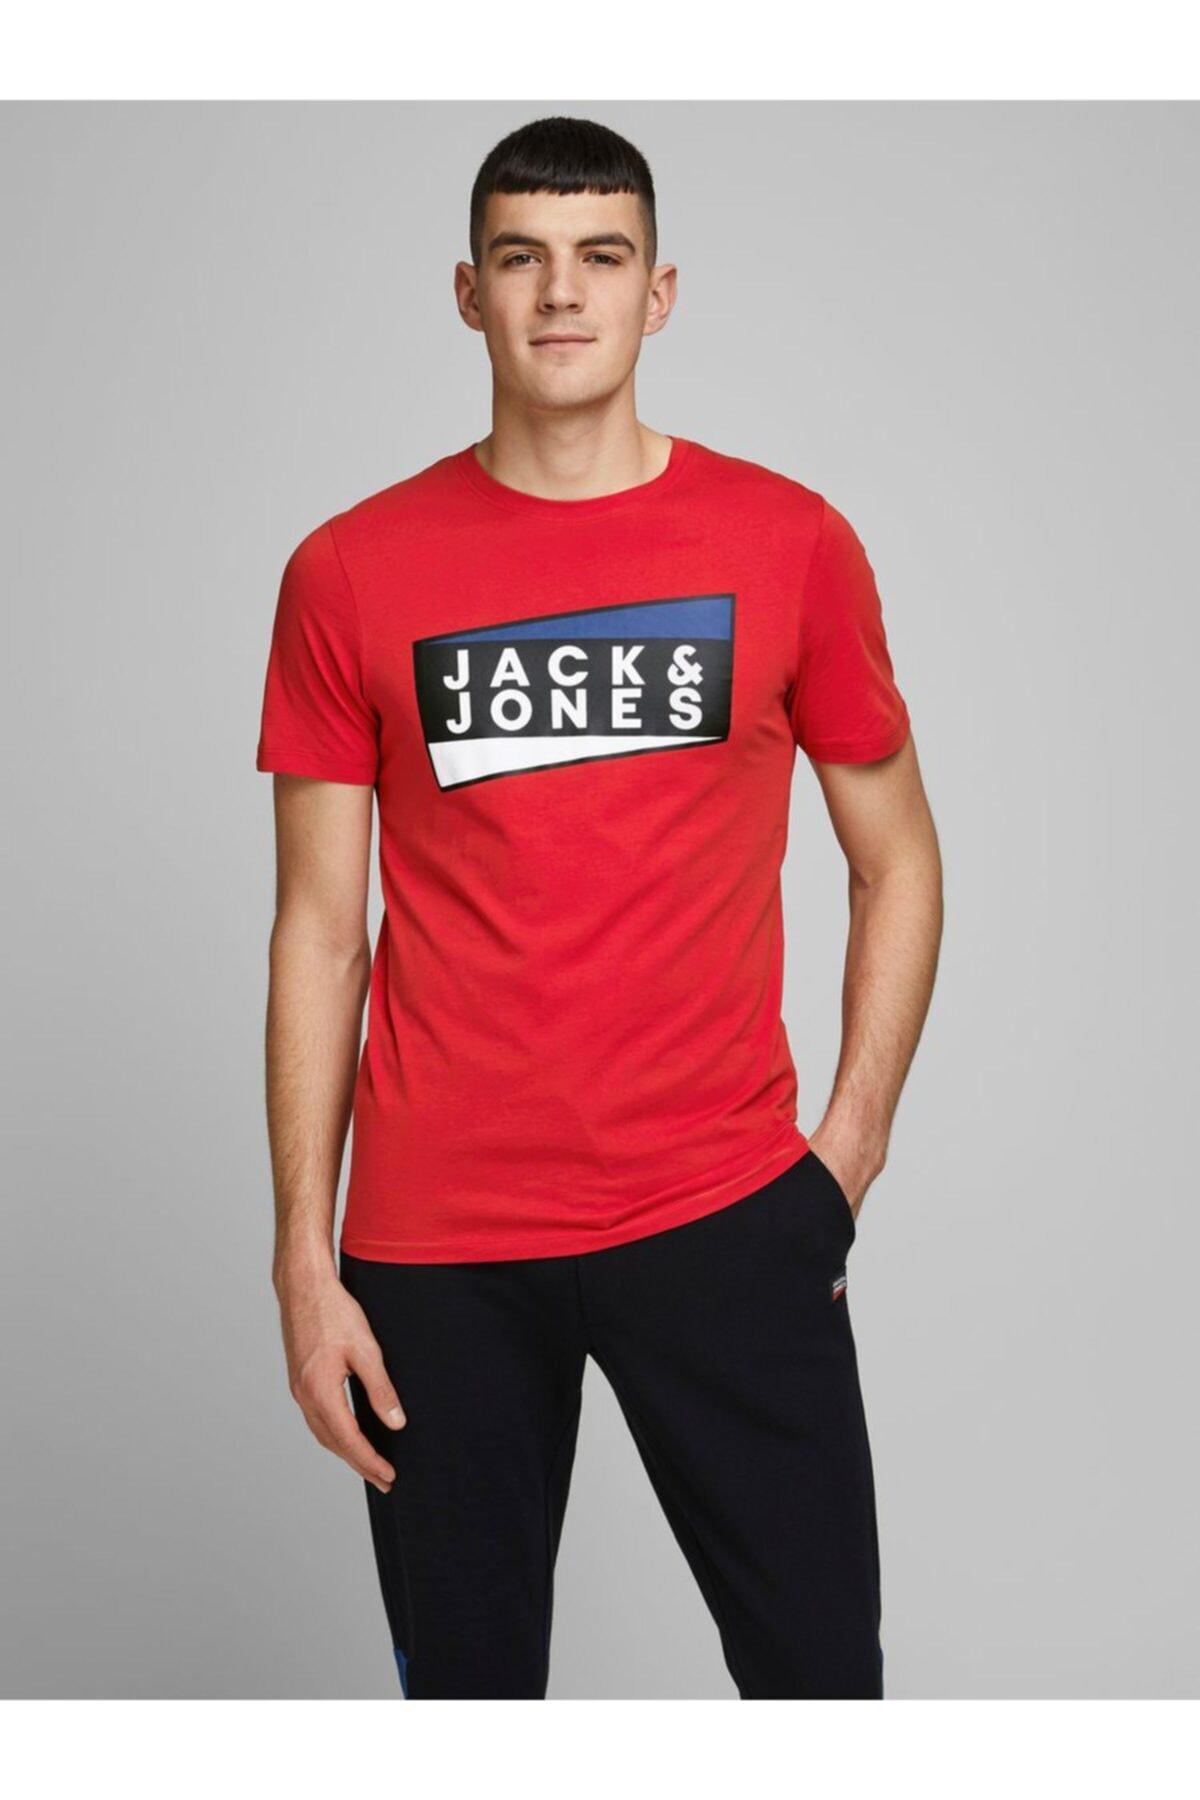 Jack & Jones Jack Jones Shaun Erkek Tişört 12172246 1